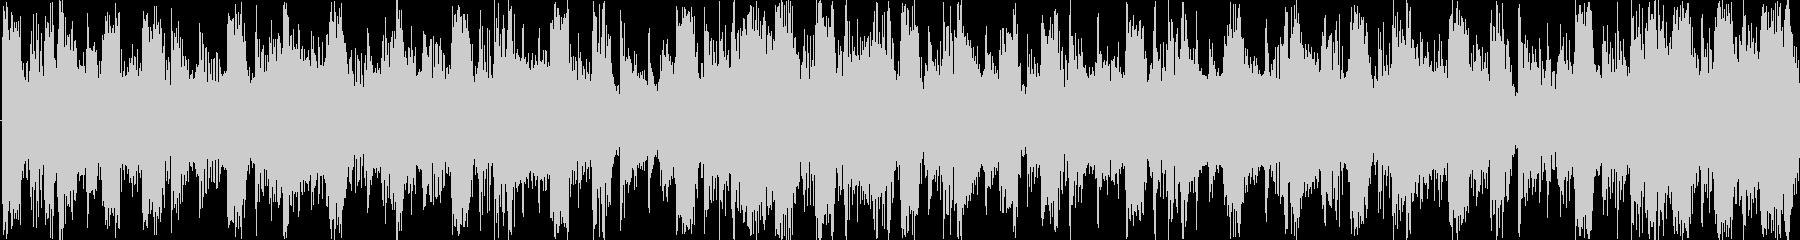 空間的な音響を駆使したループ楽曲です。の未再生の波形